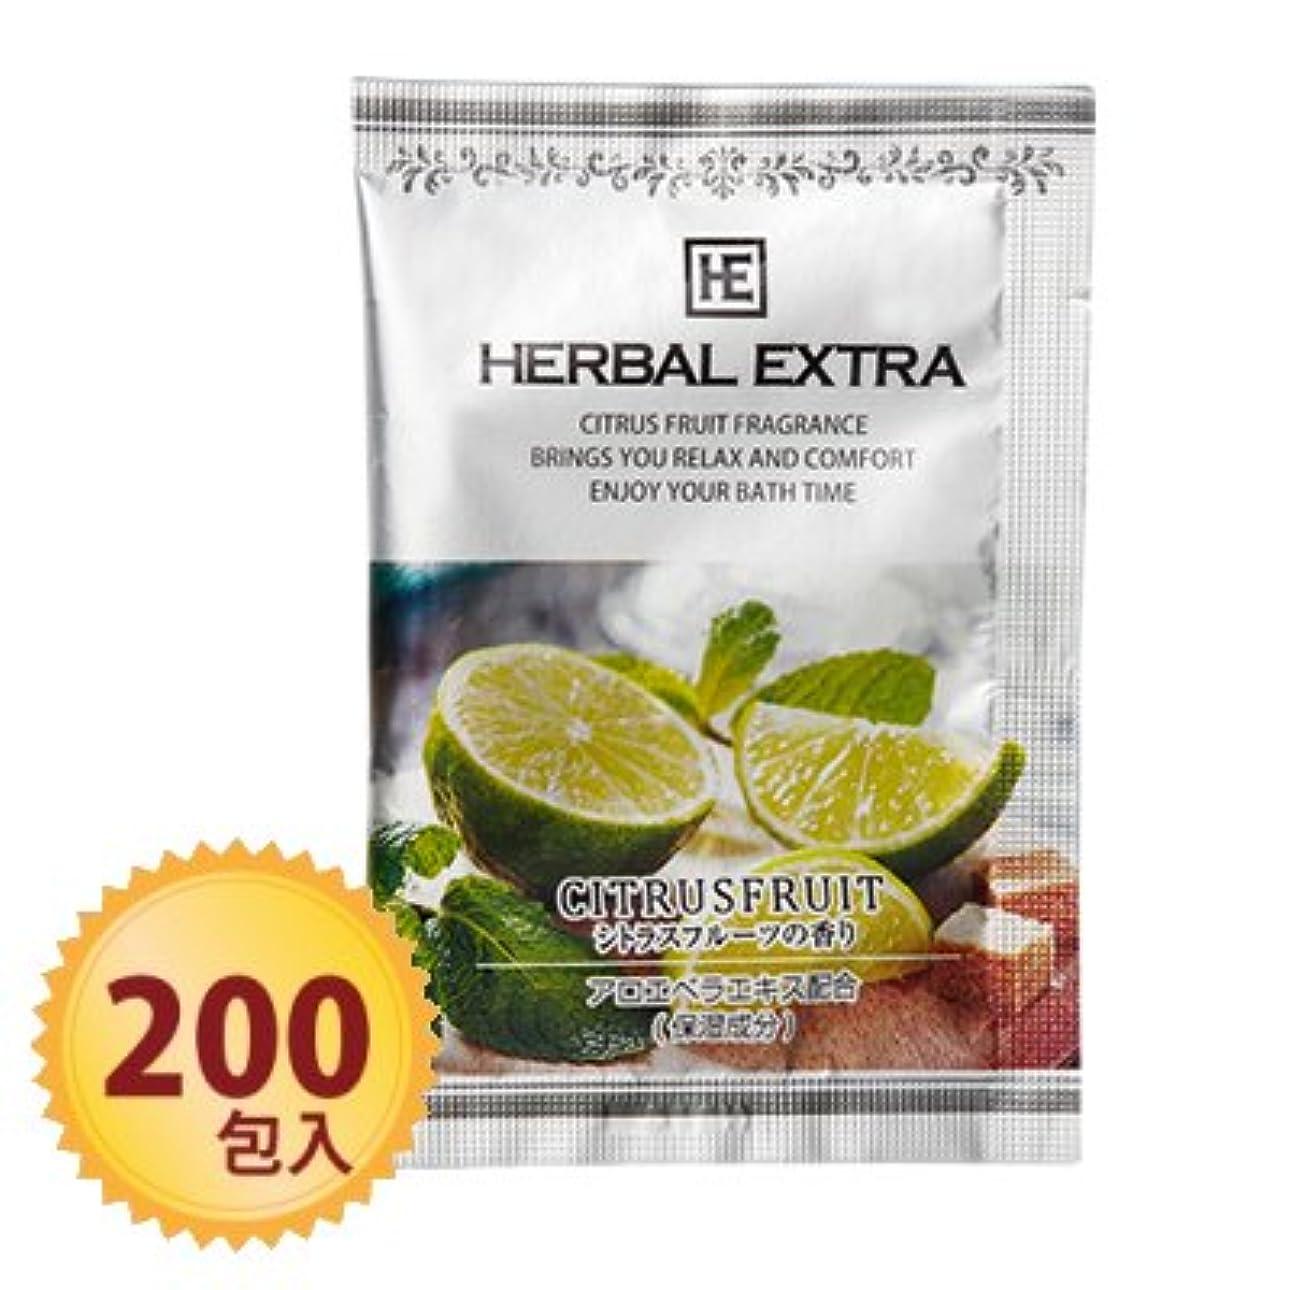 小道ねばねばロープハーバルエクストラBS シトラスフルーツの香り 20g×200個